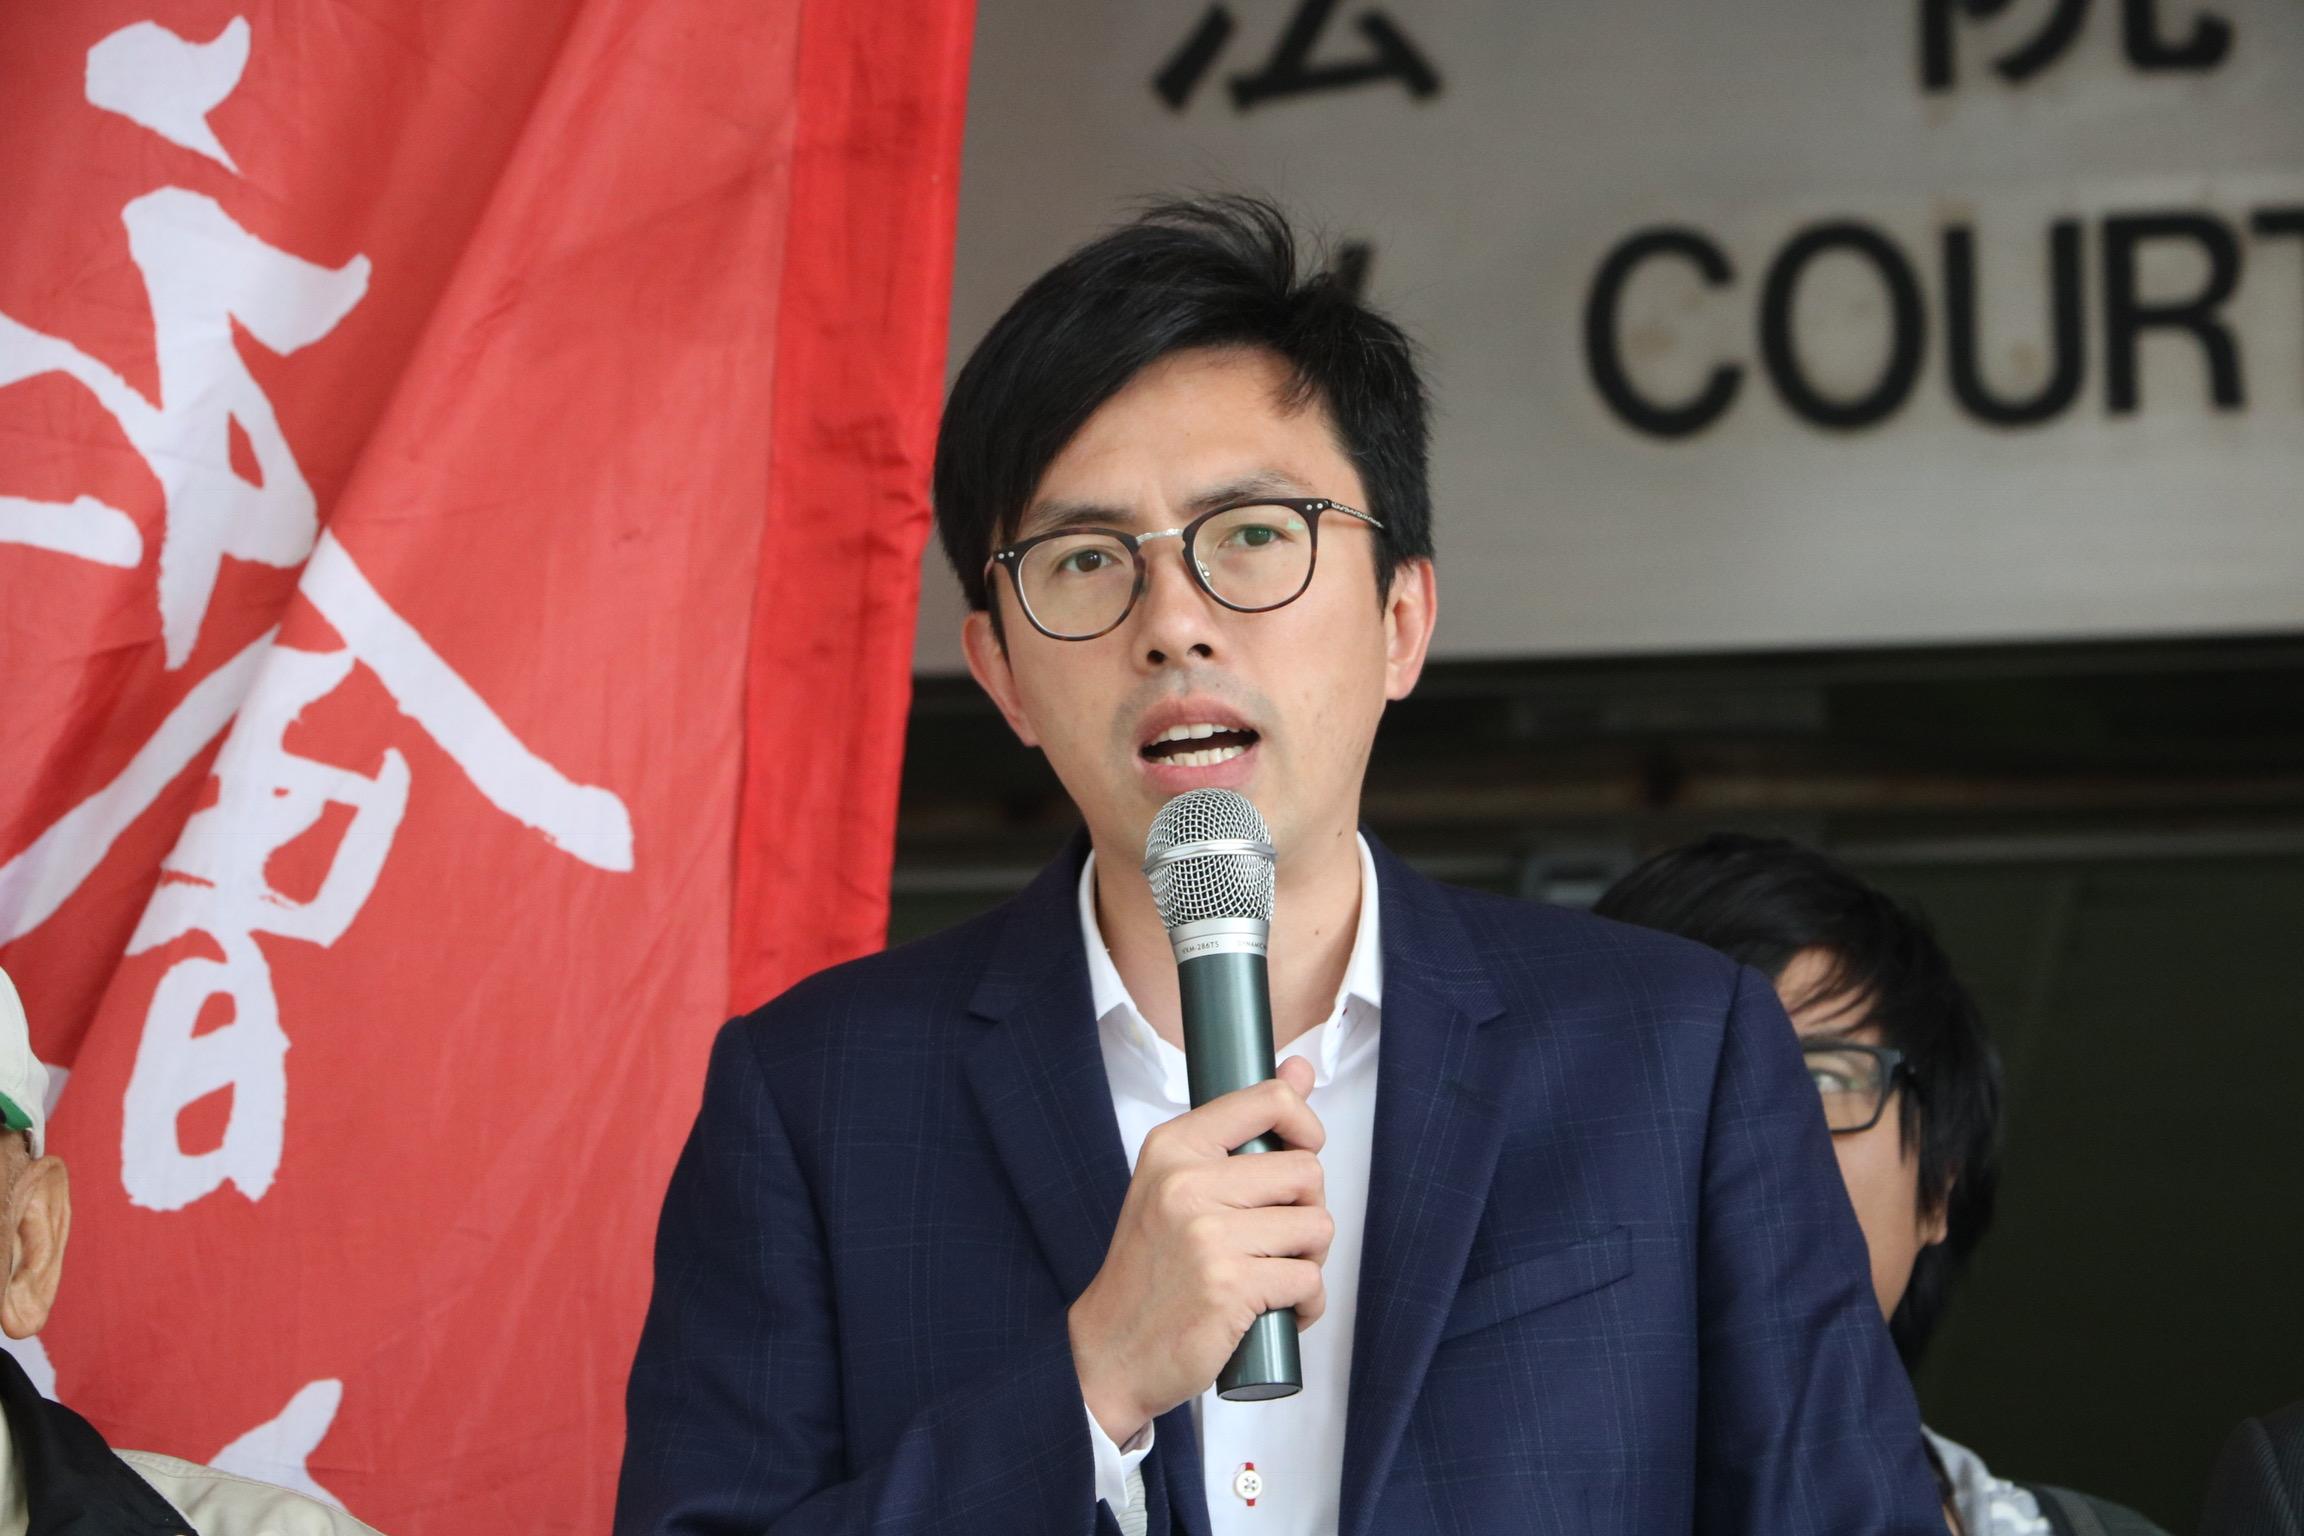 社民連主席吳文遠2016年向時任特首梁振英擲三文治,他被裁定一項普通襲擊罪成,早前向高院提上訴。(資料圖片)